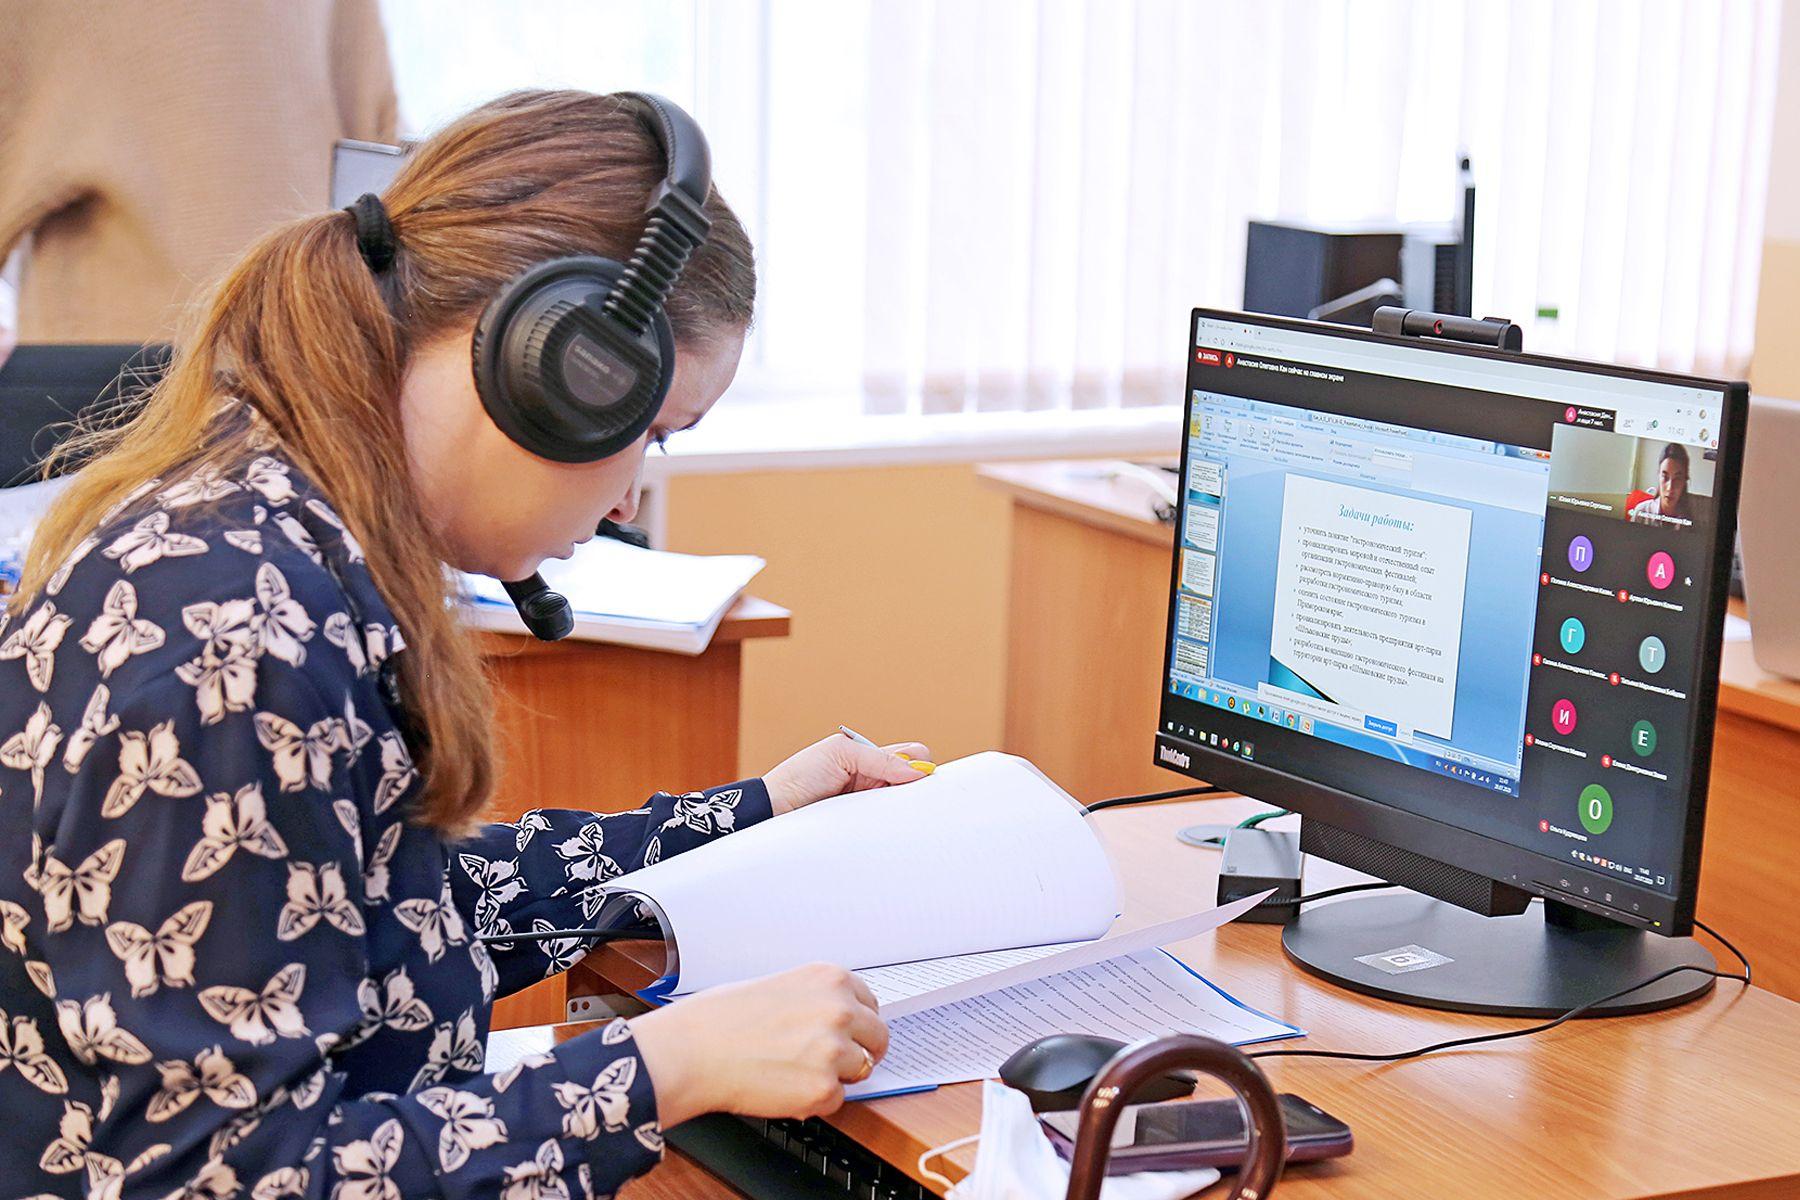 Во ВГУЭС пройдут защиты студенческих проектов по дисциплине «Проектная деятельность» (расписание)